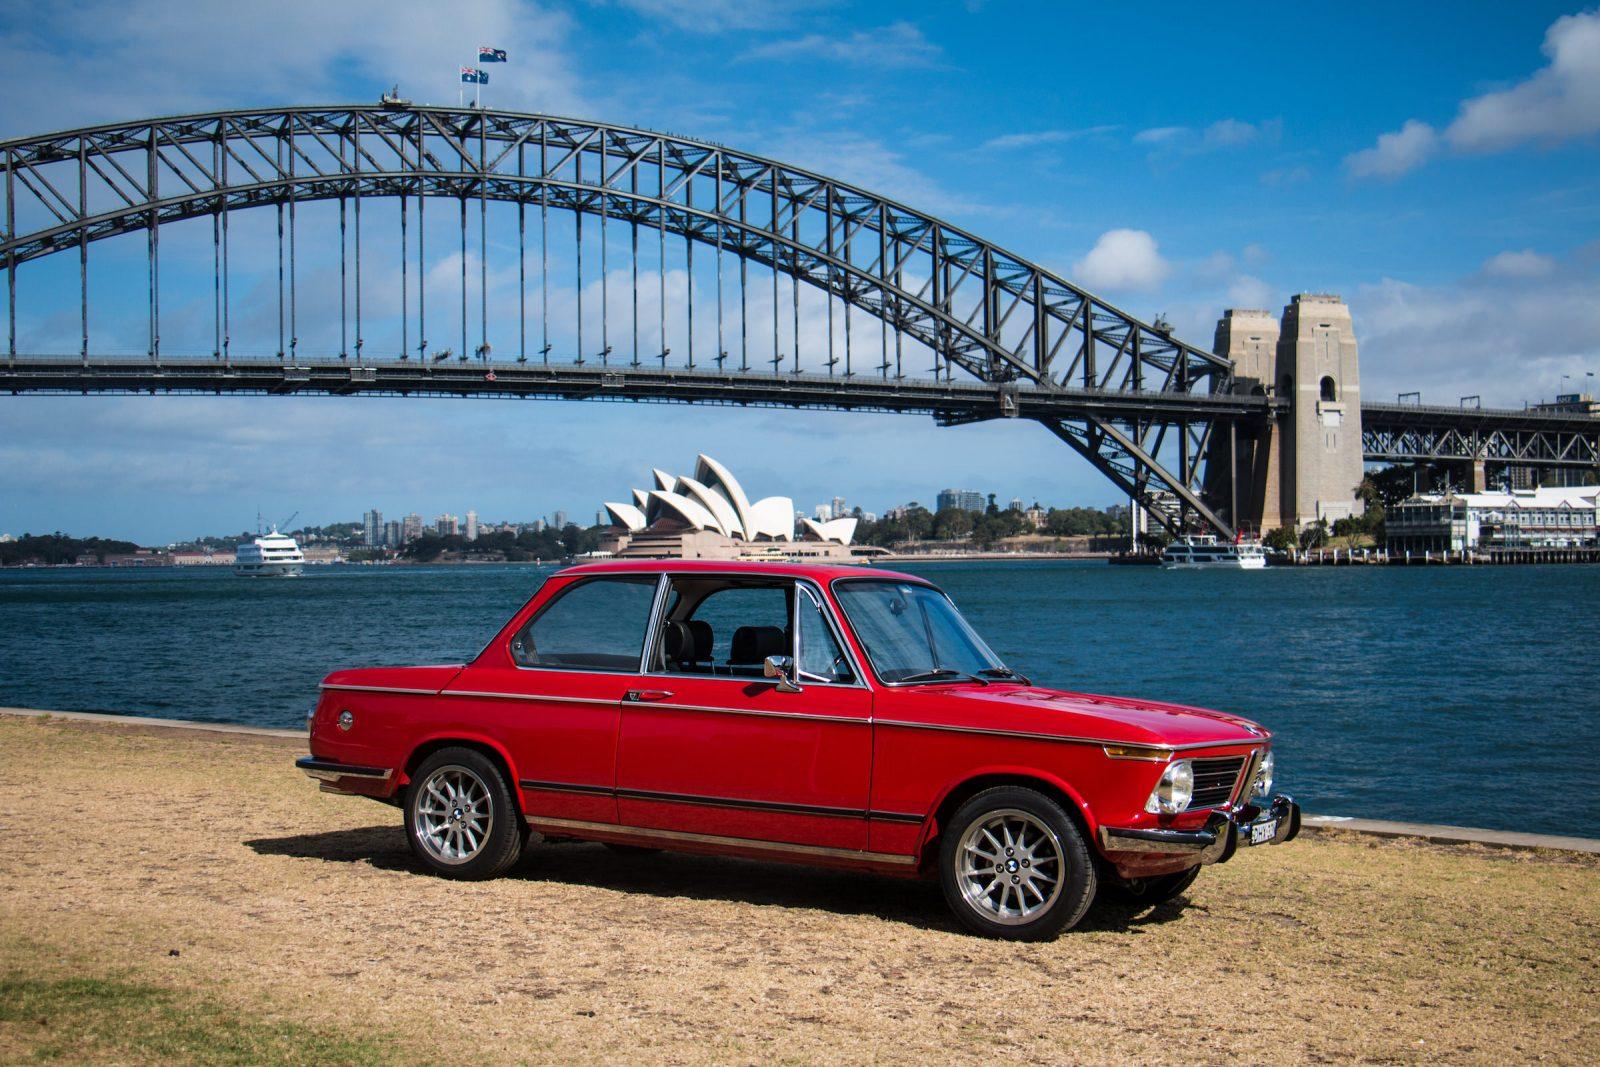 BMW-2002-Car-2-1600x1067.jpg